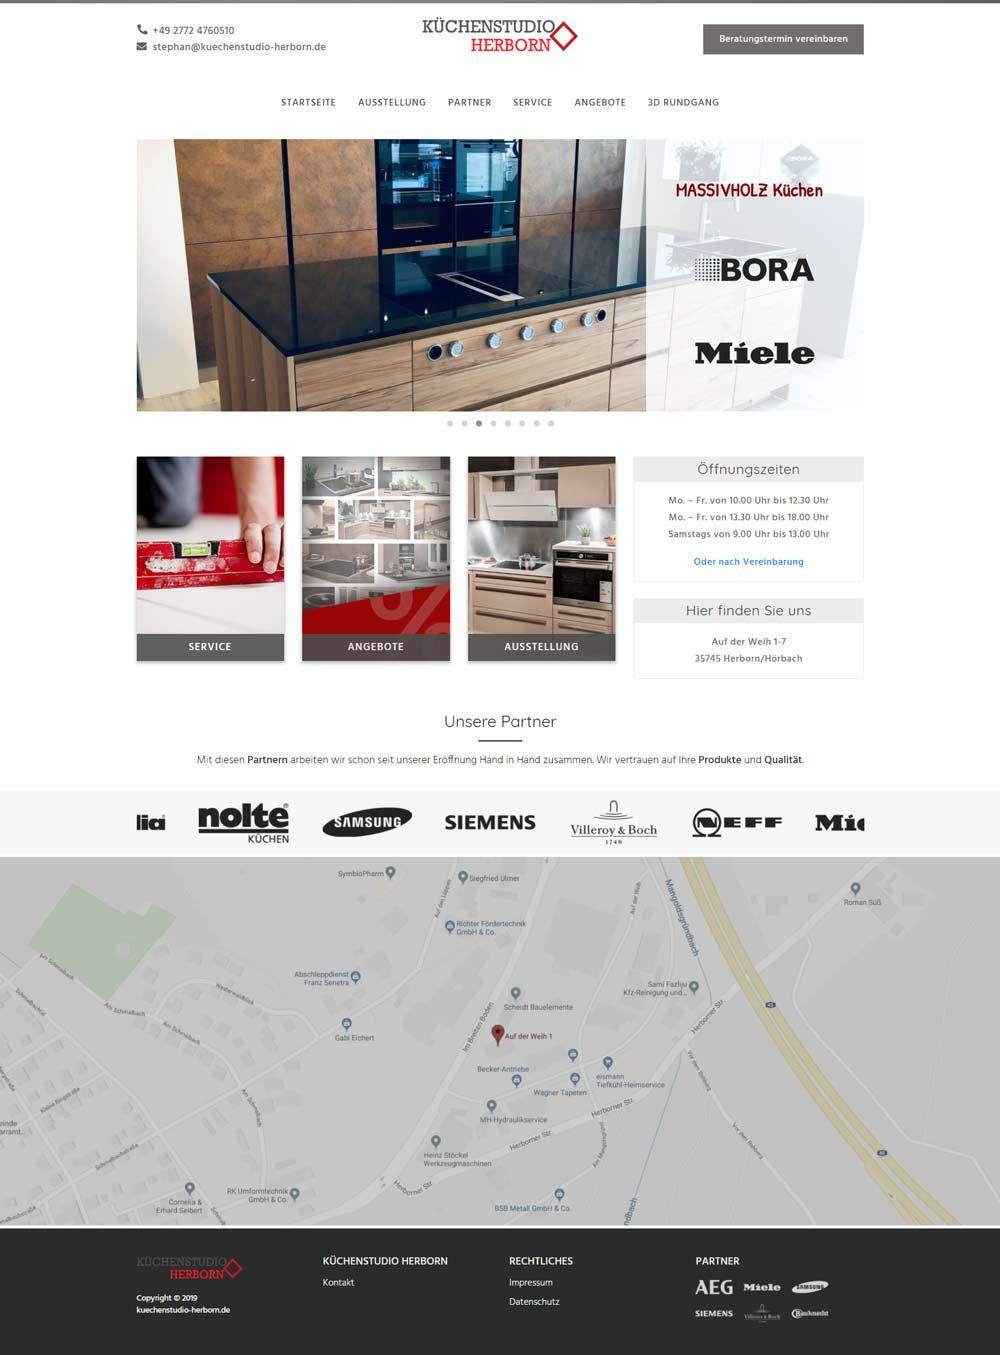 Küchenstudio Herborn Startseite